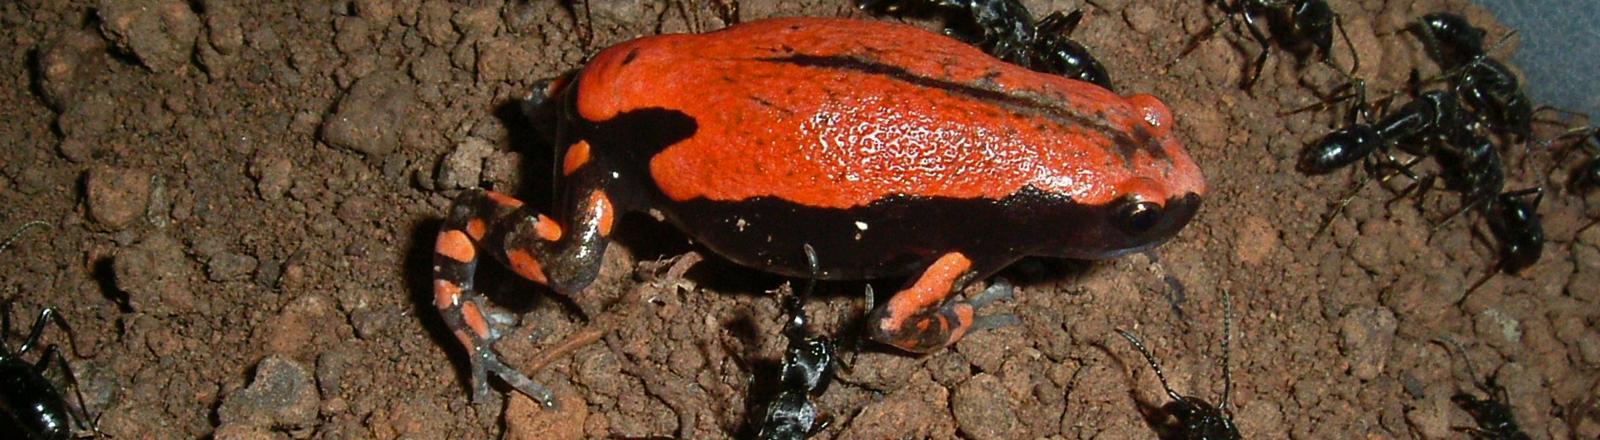 Ein schwarzer Frosch mit rotem Rücken sitzt auf der Erde, um ihm herum Ameisen.